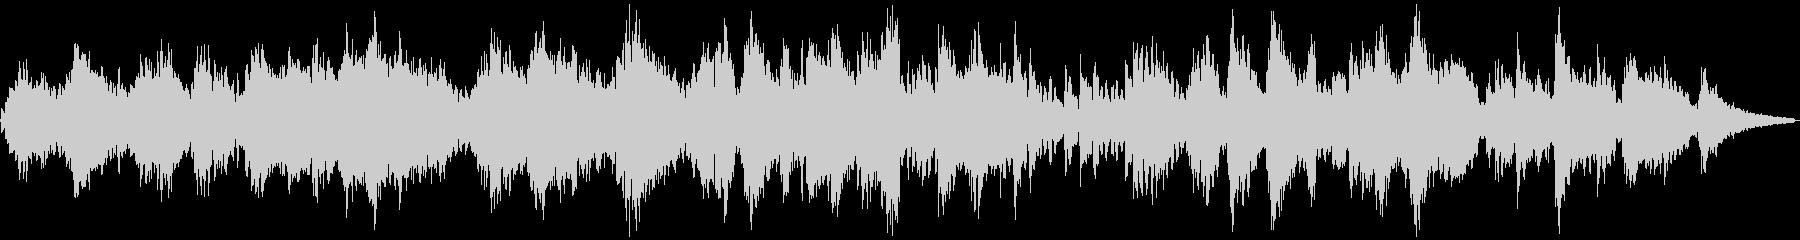 癒されるローズピアノサウンドの未再生の波形